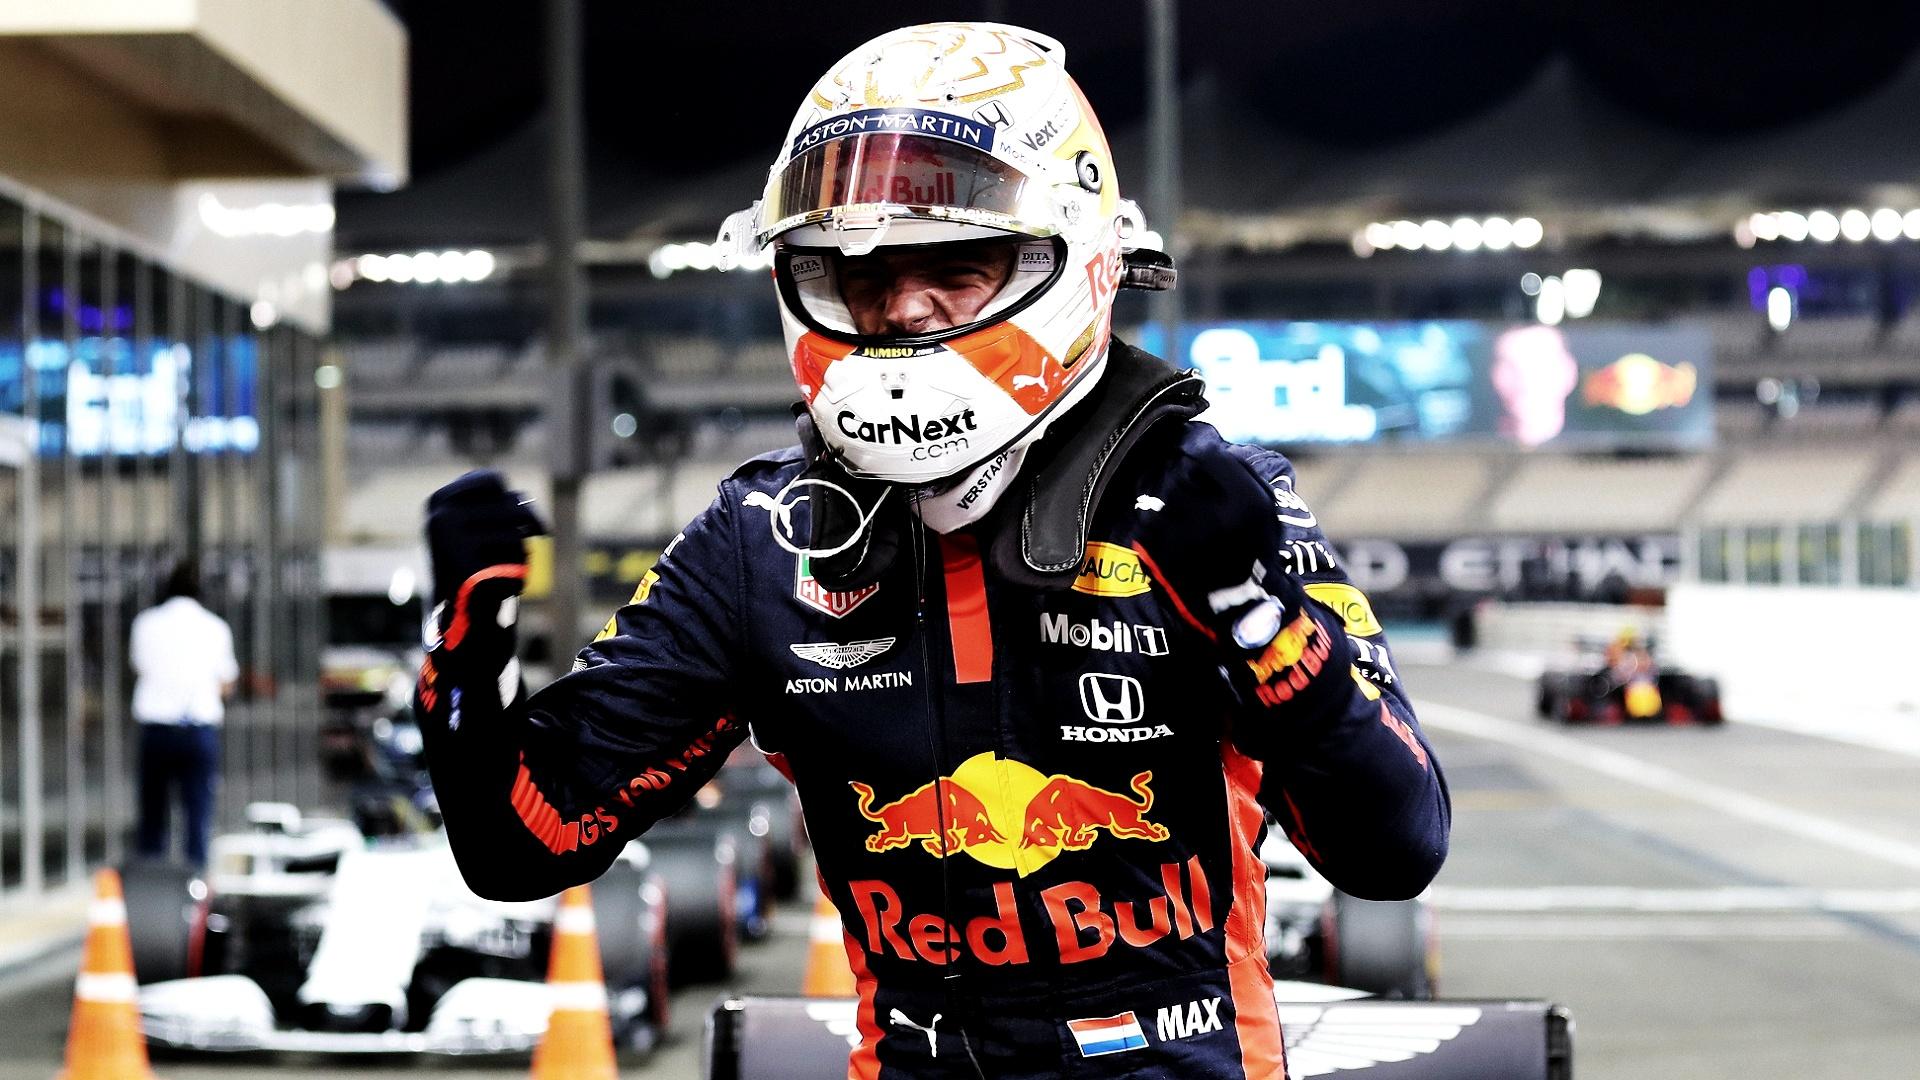 2020-12-12 Verstappen Red Bull F1 Formula 1